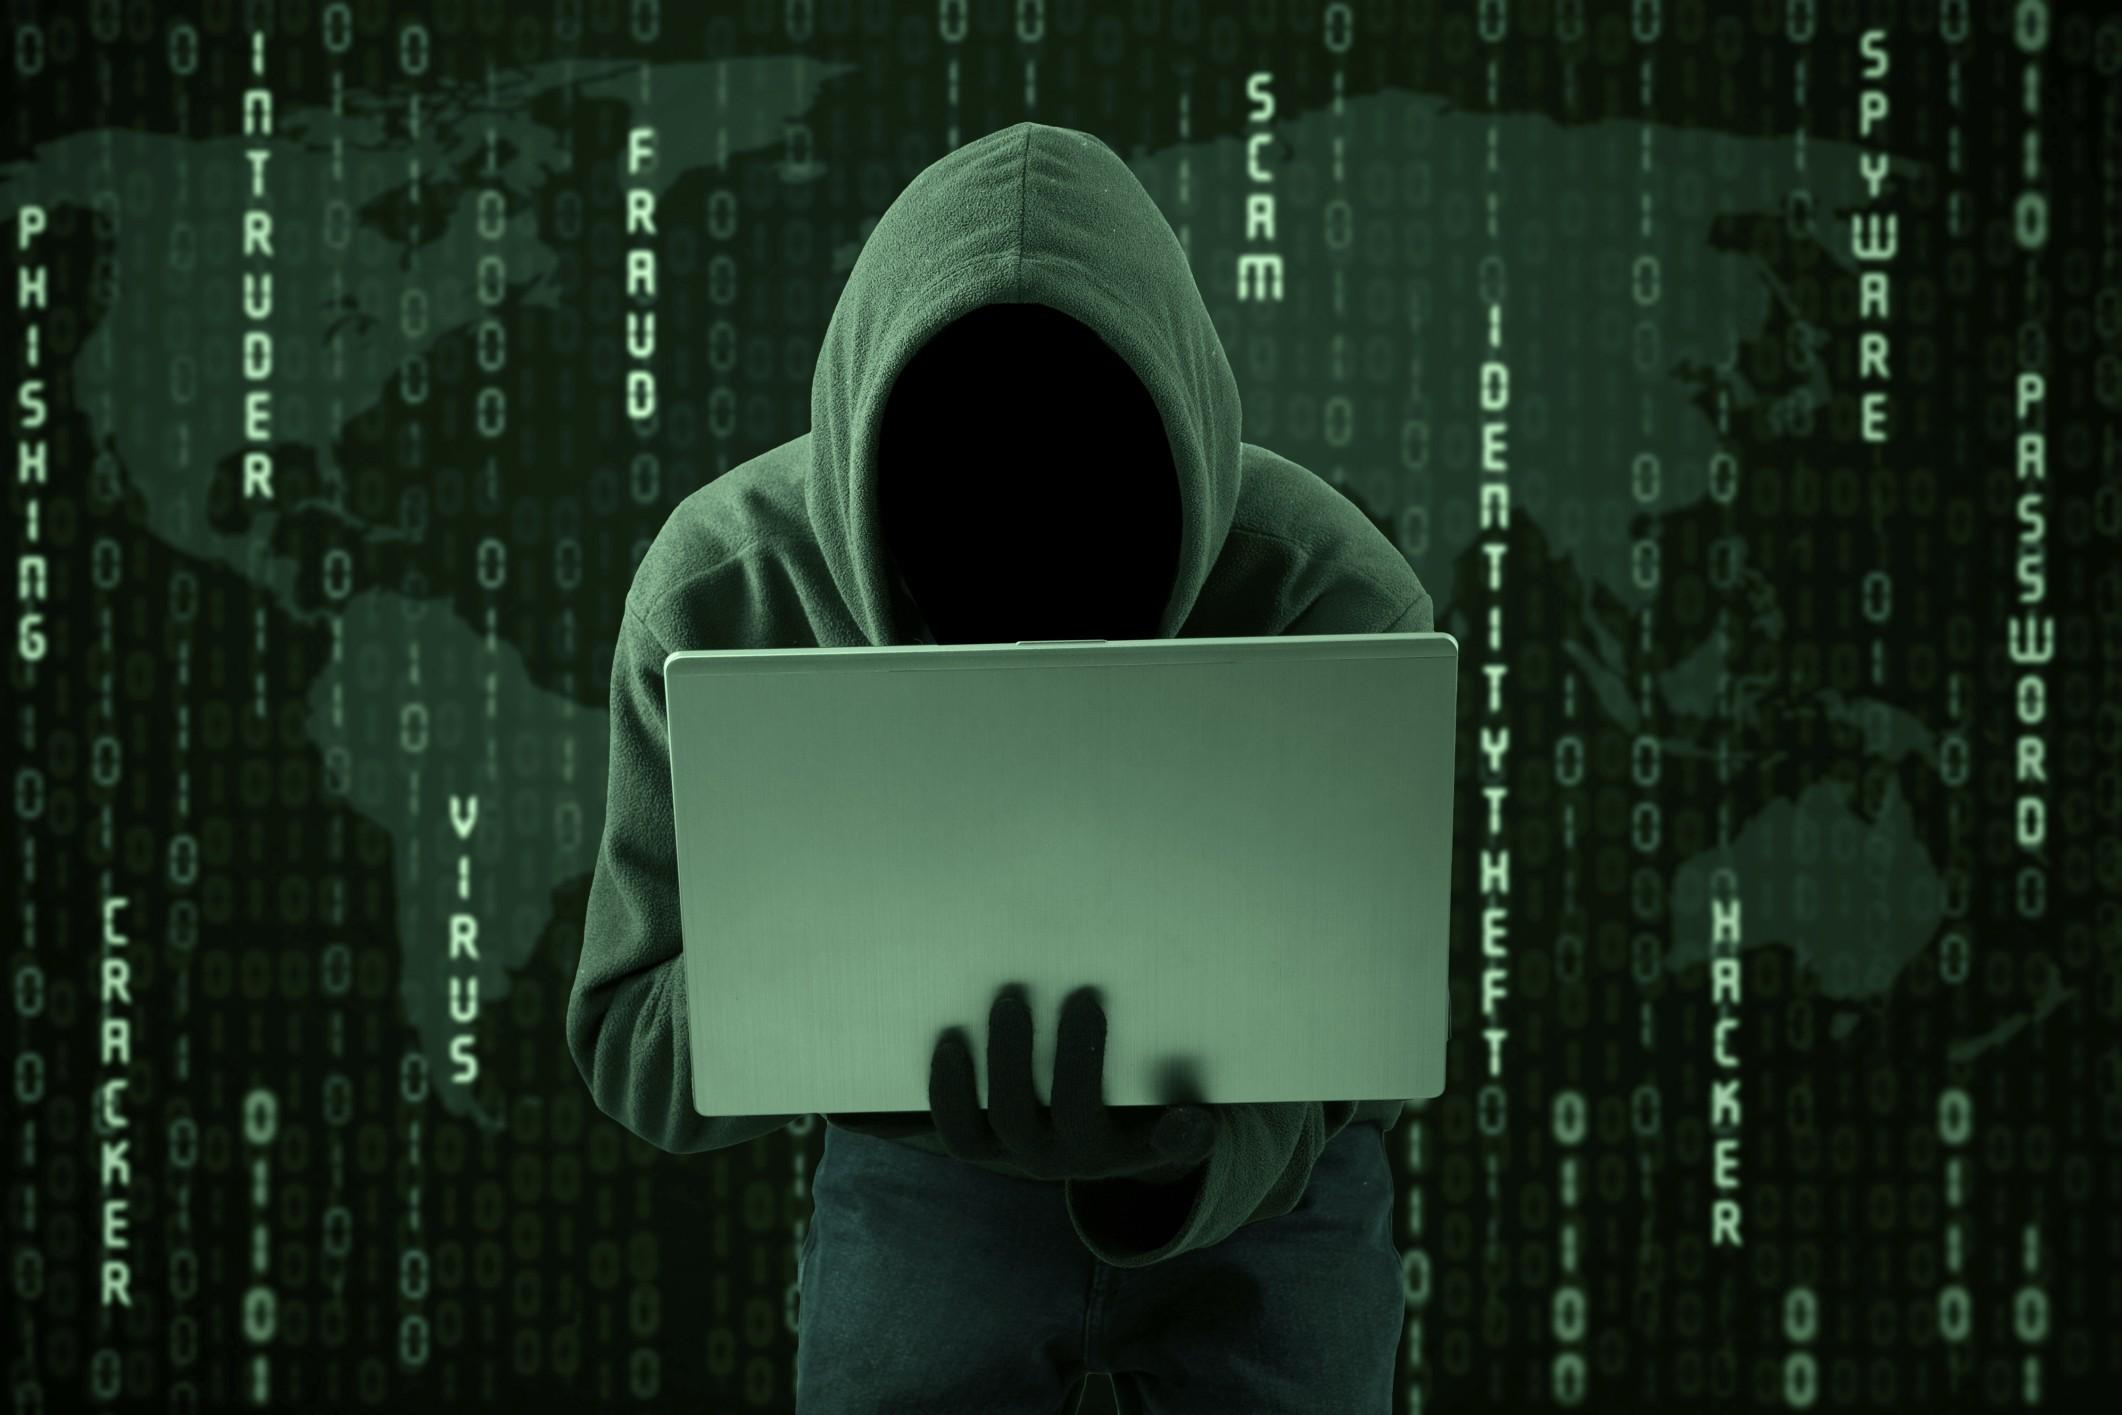 Социальная сеть'Вконтакте оплатила работу хакеров на сумму свыше $70 тыс